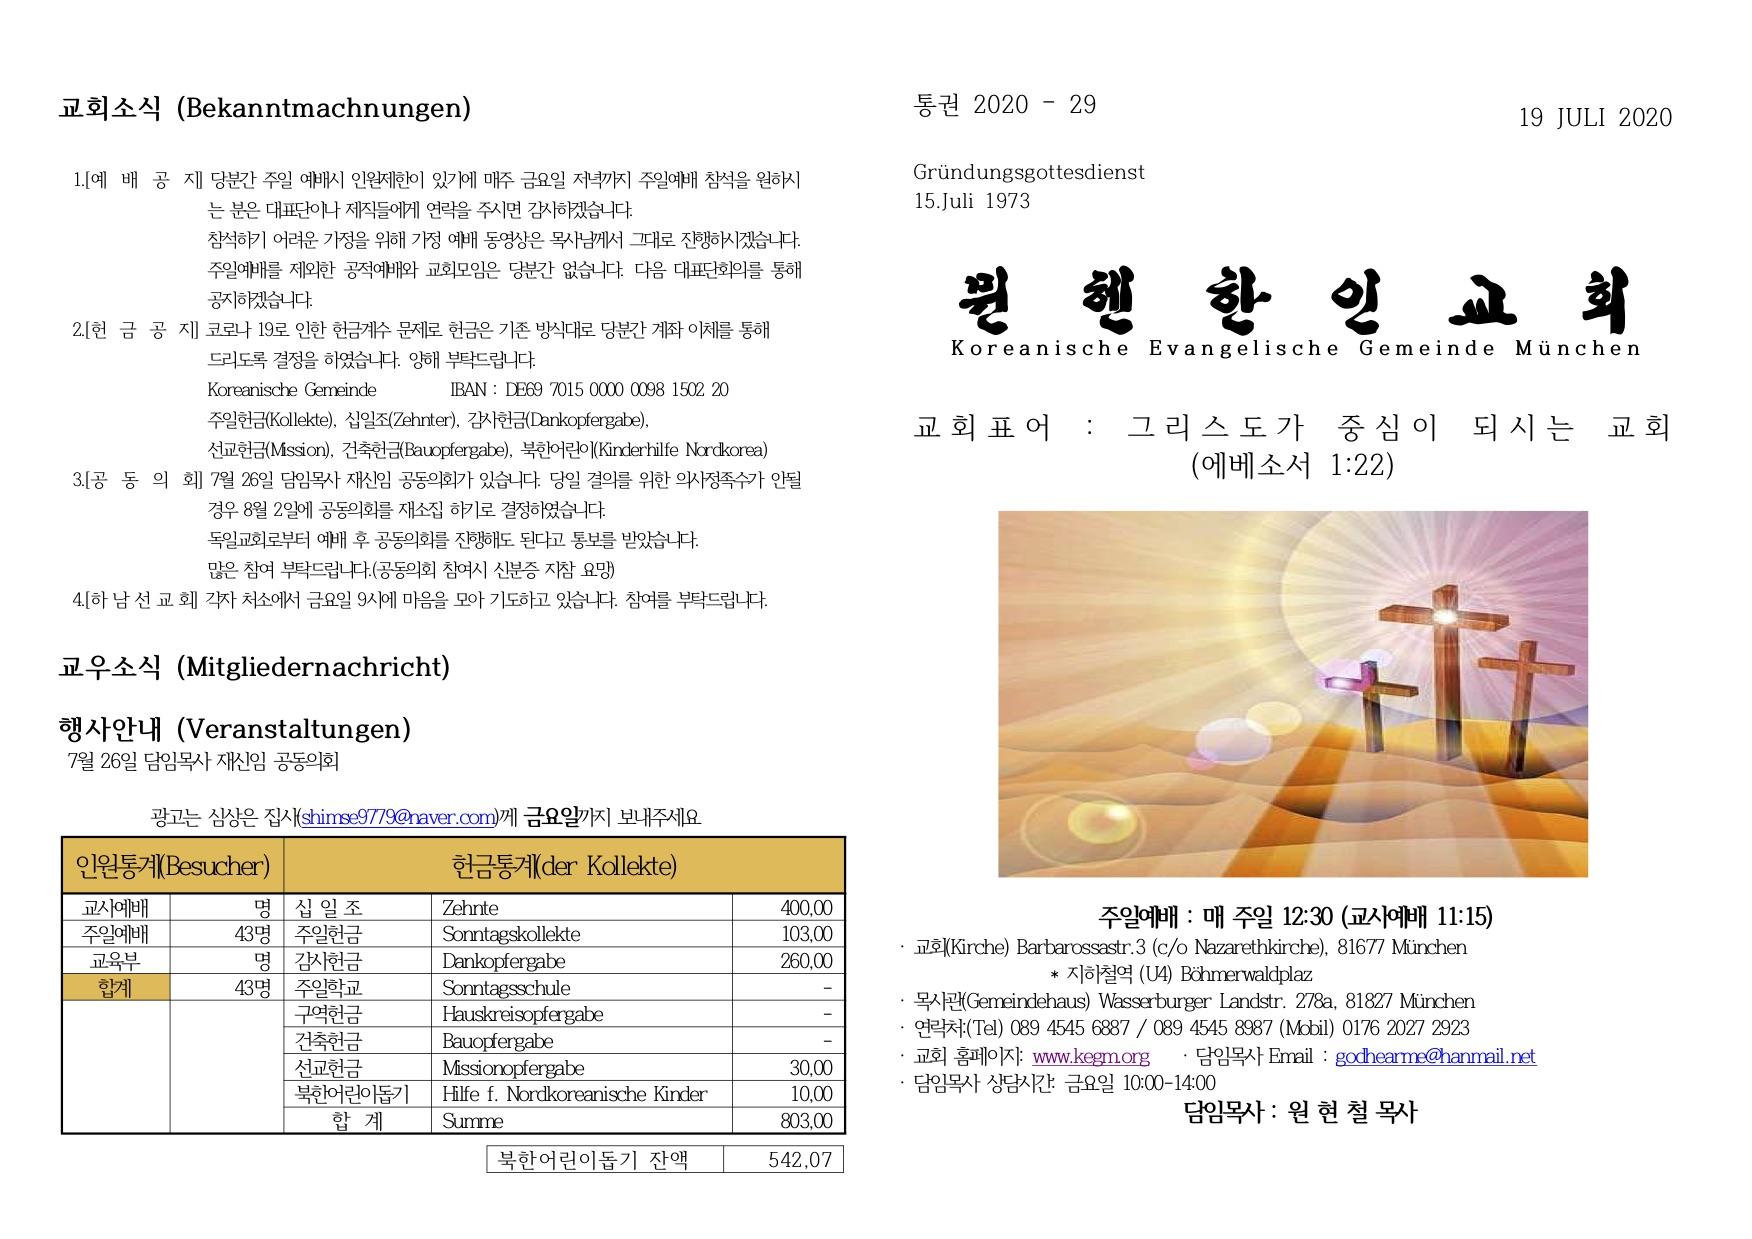 20200719_bulletin_1.jpg